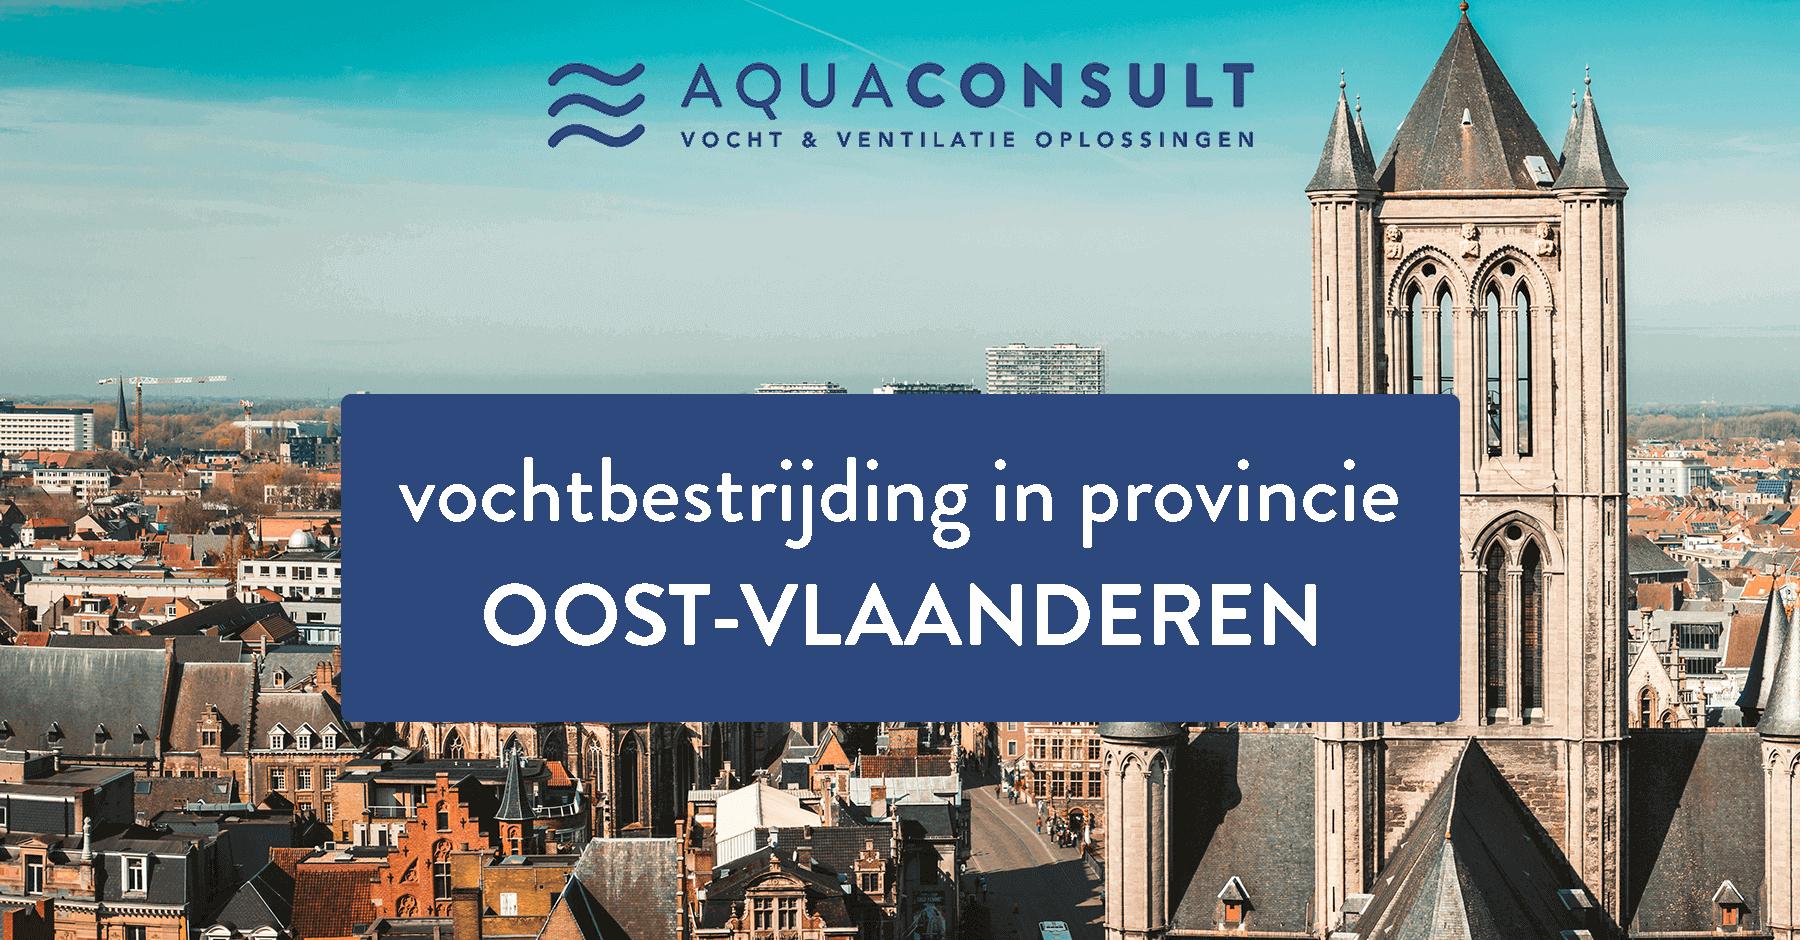 Vochtbestrijding in Provincie Oost-Vlaanderen - Aquaconsult